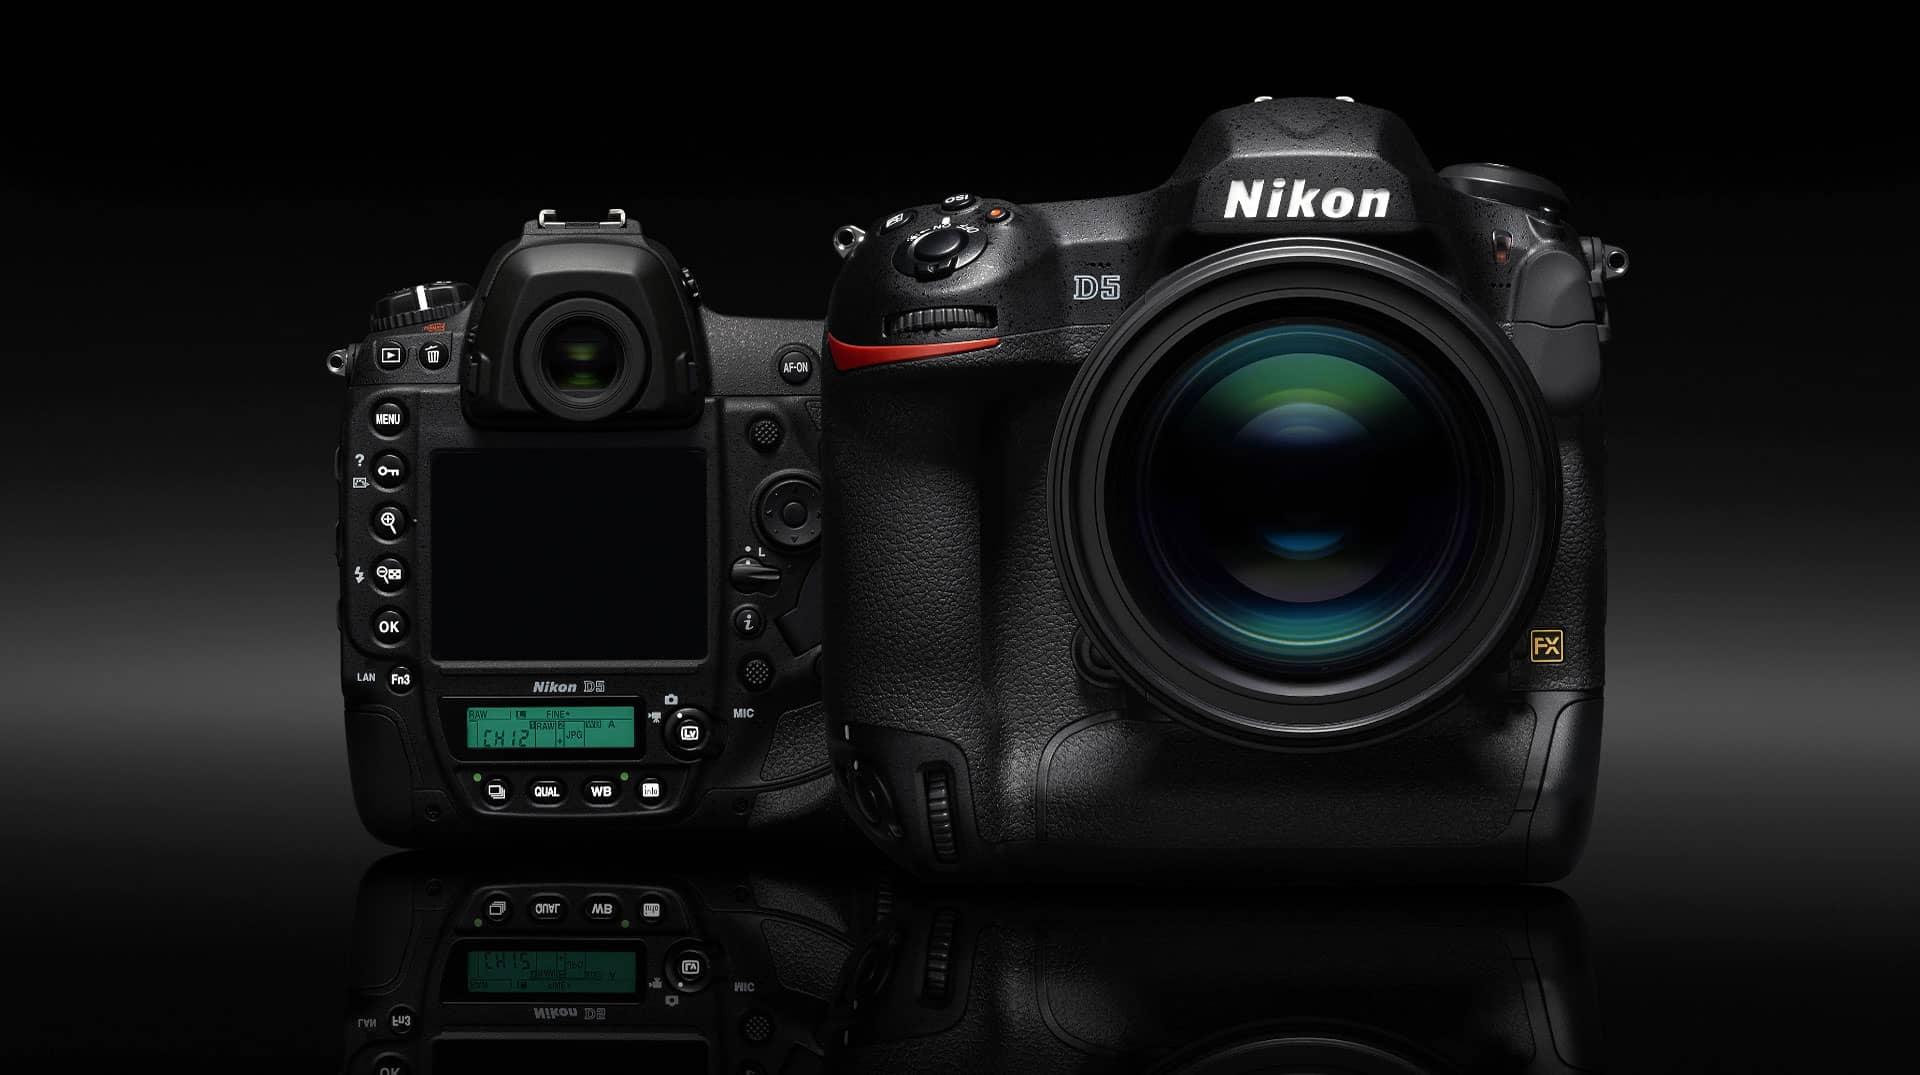 La mise à jour du firmware du Nikon D6 améliore l'autofocus et corrige différents bugs 1